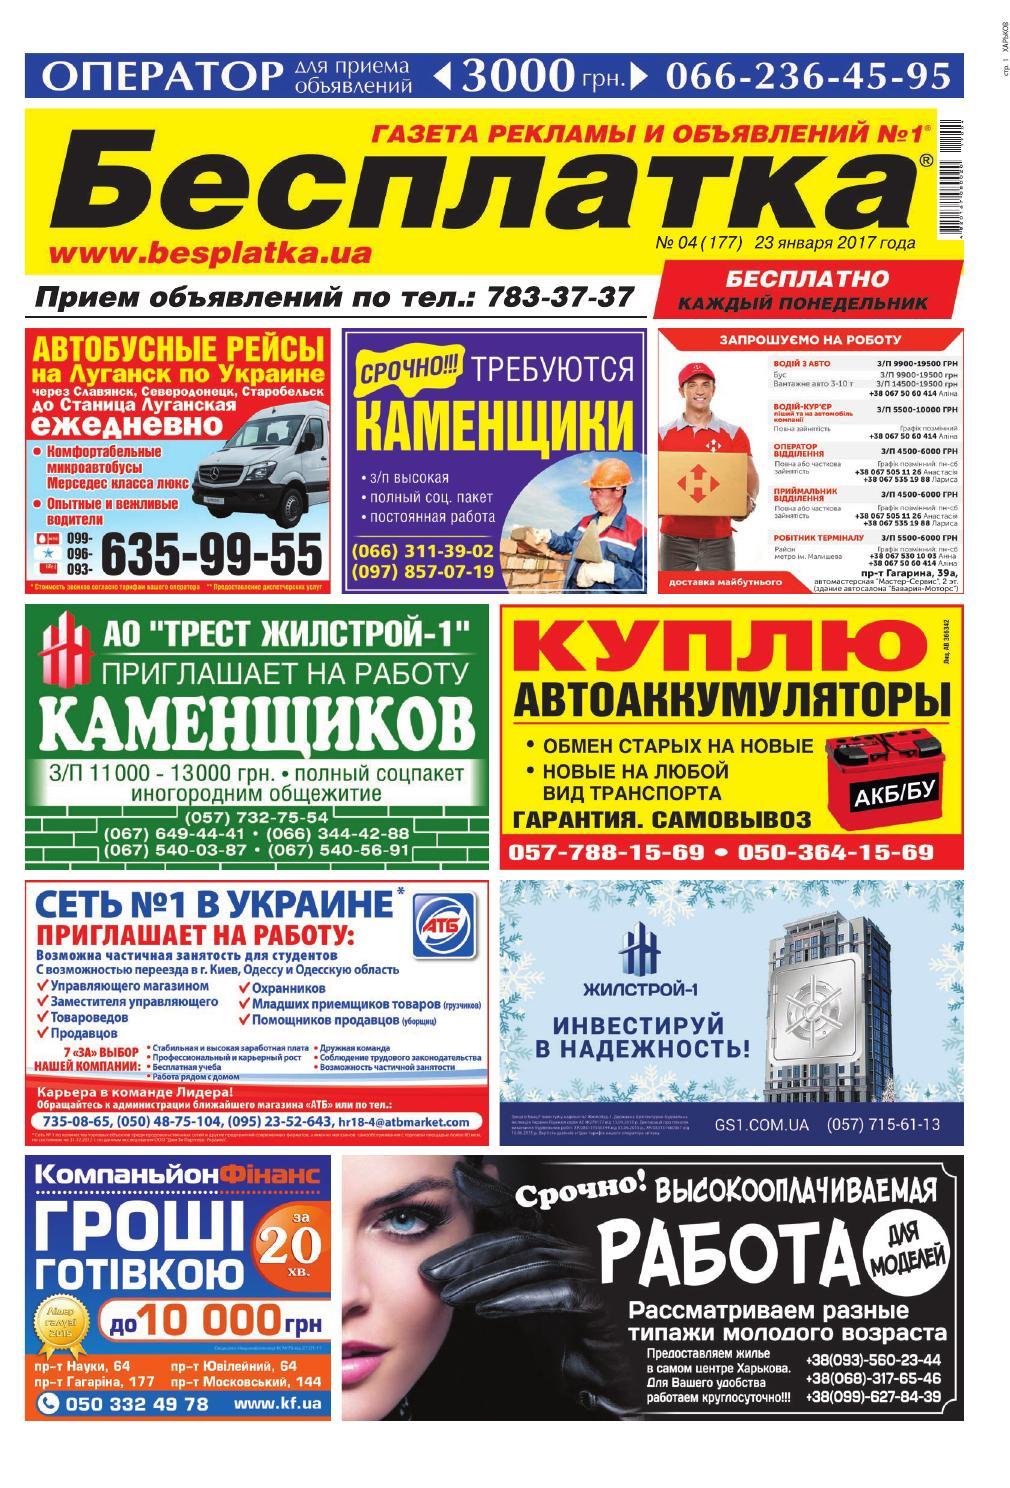 нужна инструкция сигнализации рамос ра-708 на русском языке